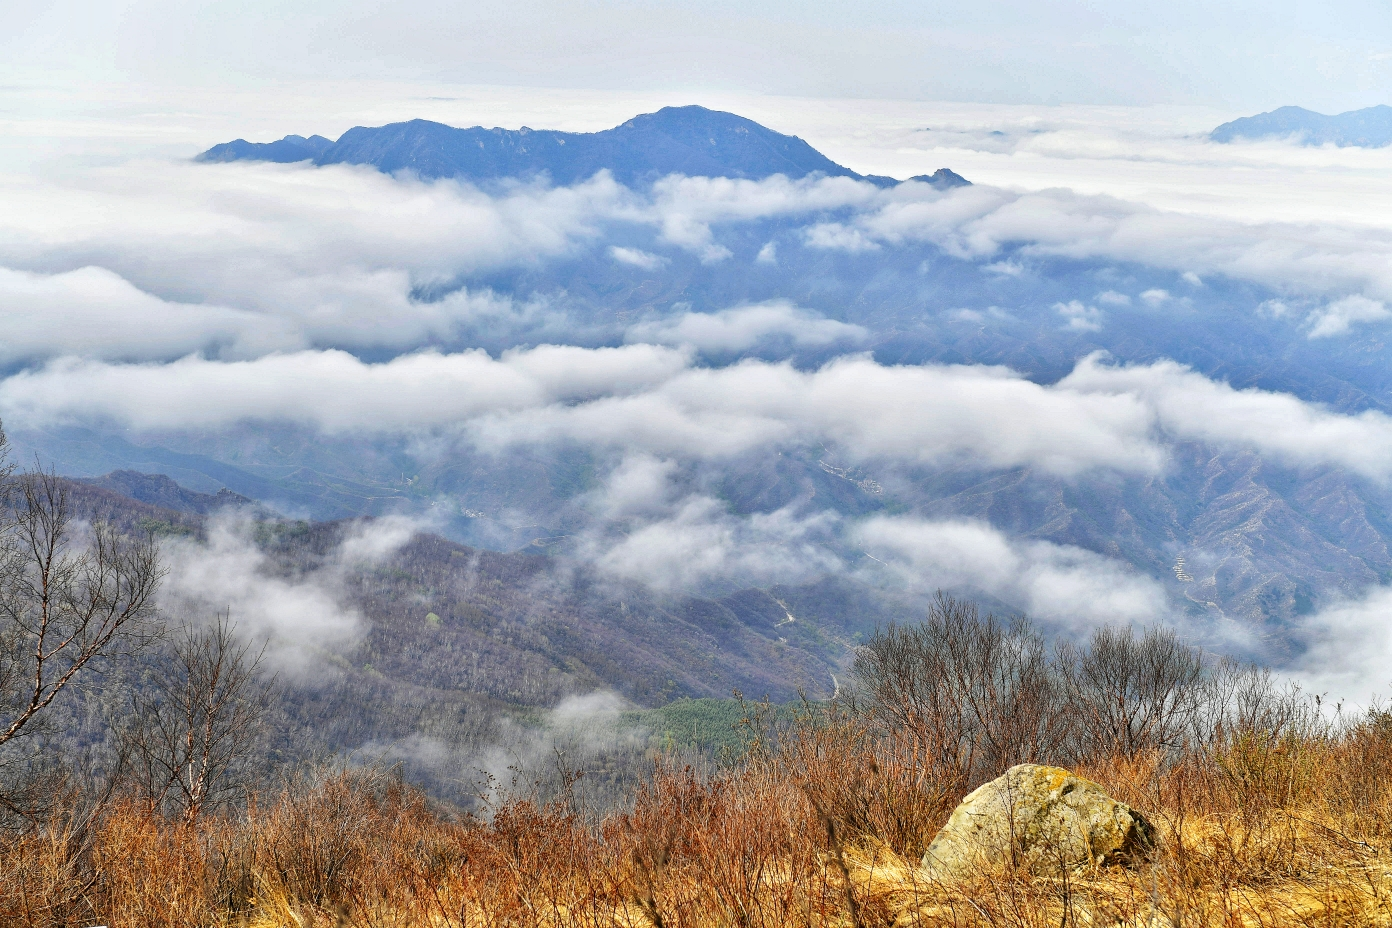 房山区百花山云海不仅本身是一种独特的自然景观,而且还把